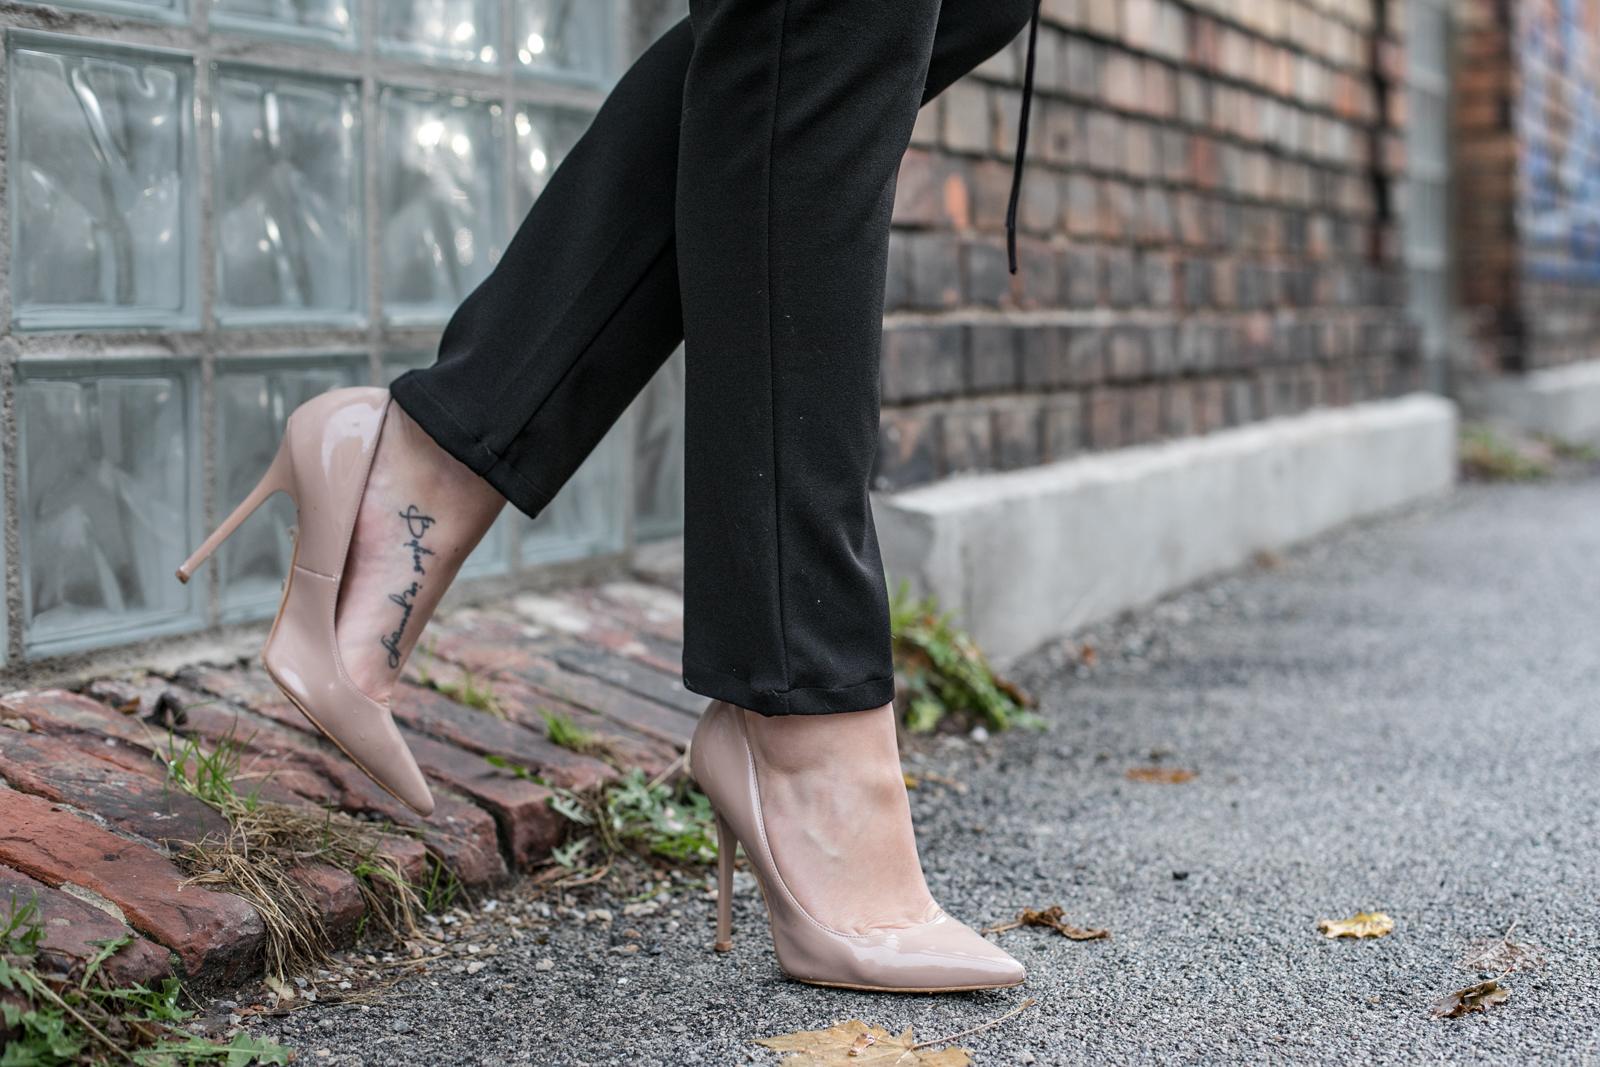 1600-Nadja-Nemetz-NadjaNemetz-Violetfleur-Violet-Fleur-Blog-Wien-WienerBlog-Beauty-Fashion-Lifestyle-Modeblog-Beautyblog-Fotografin-Bloggerin- (21 von 22)